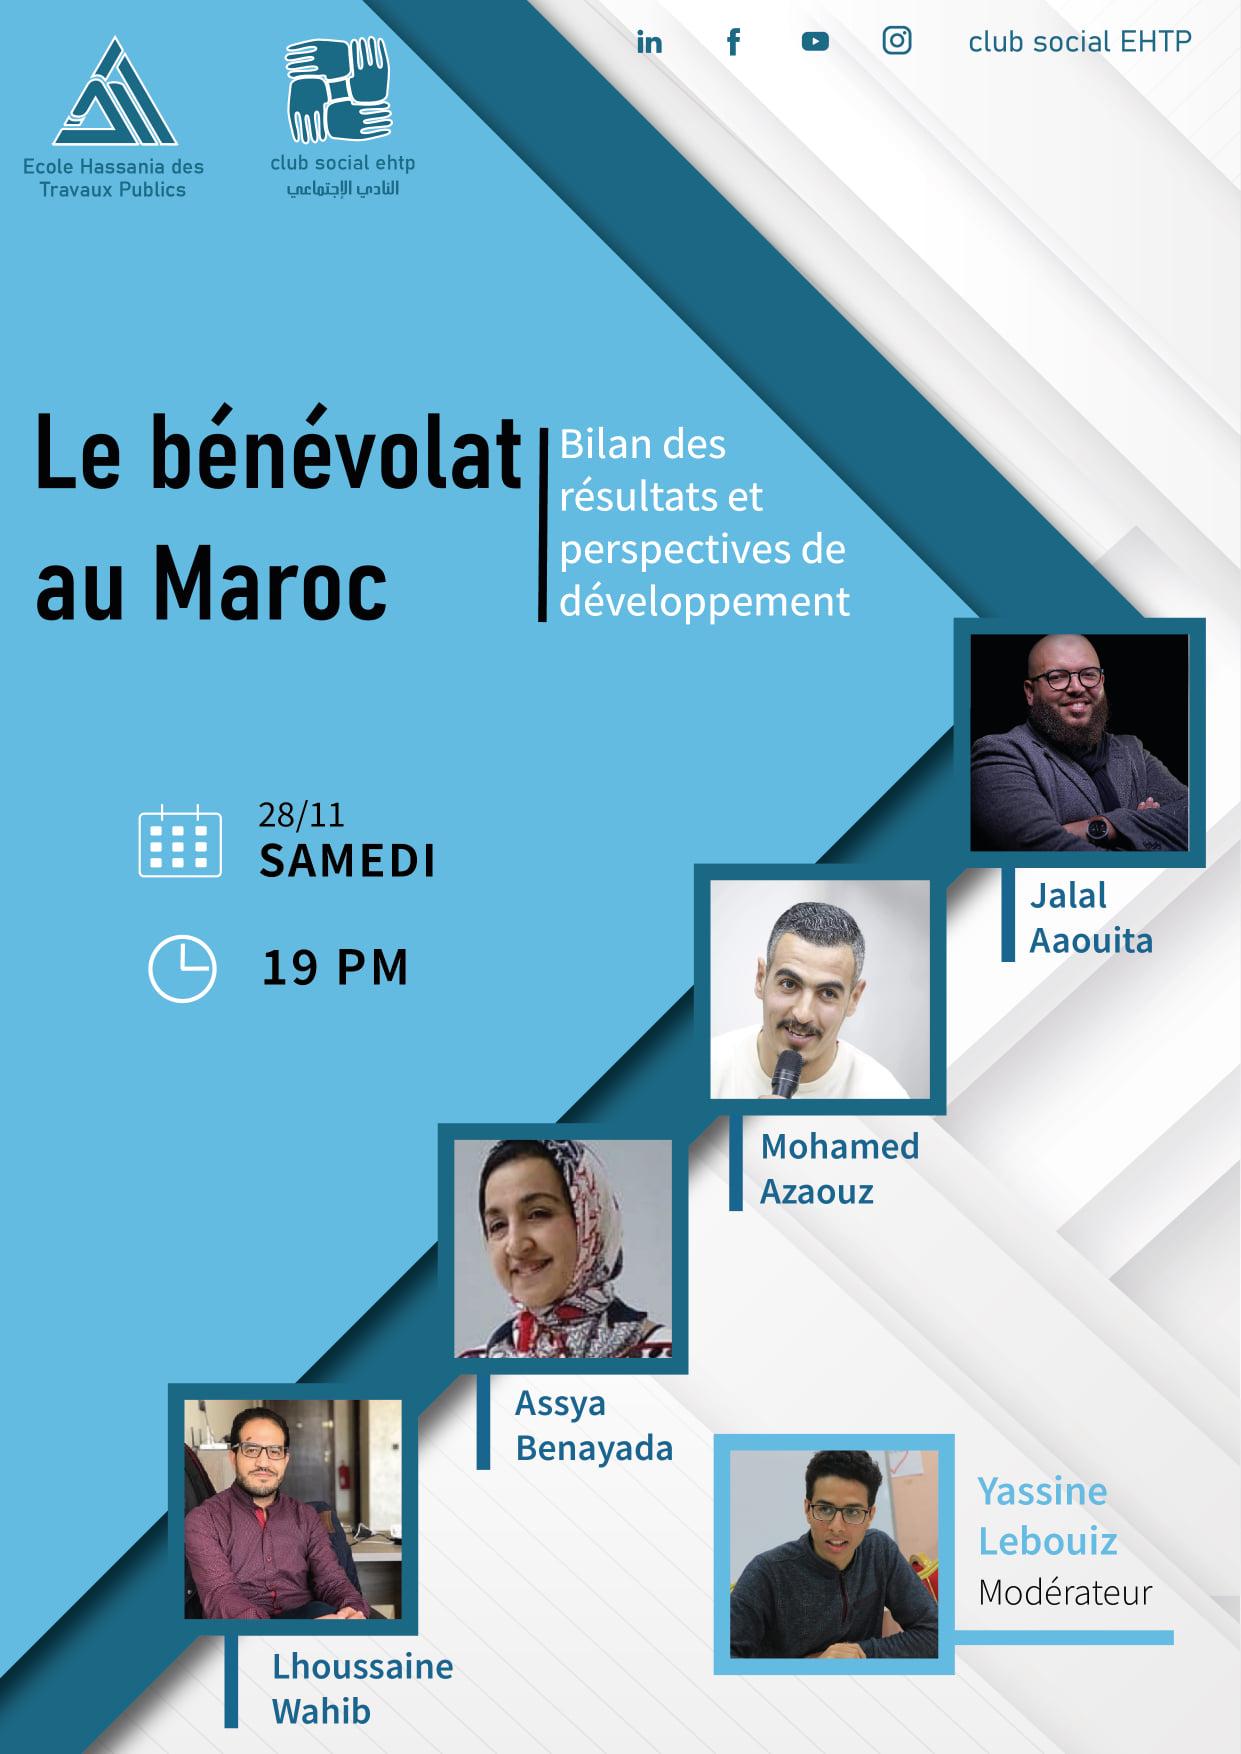 Le bénévolat au Maroc: Bilan des résultats et perspectives de développementLe bénévolat au Maroc: Bilan des résultats et perspectives de développement 2